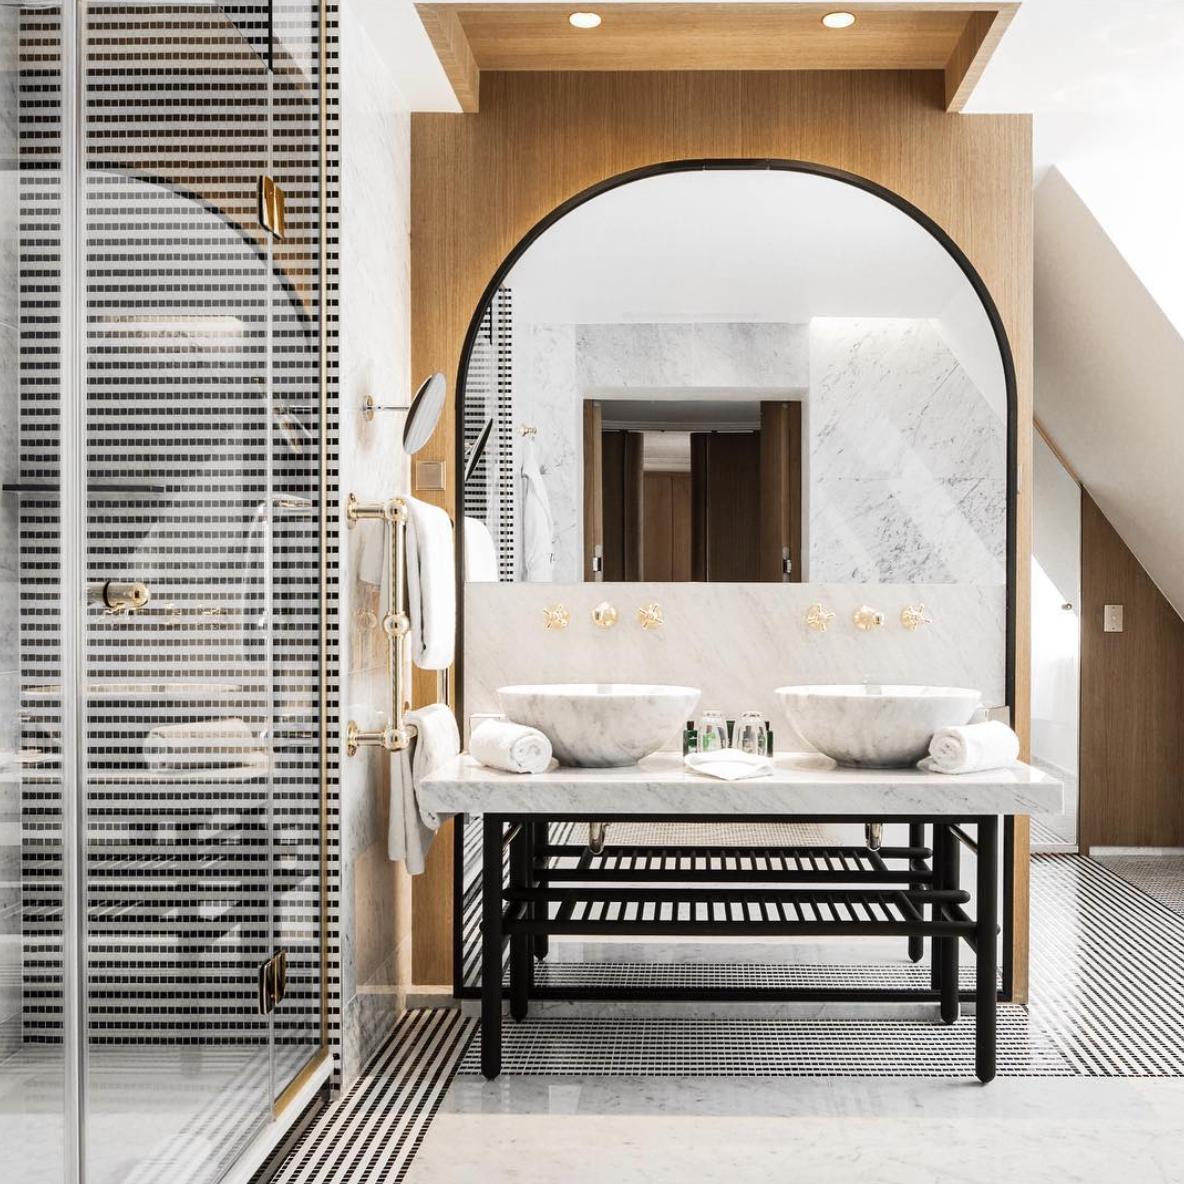 Nghỉ dưỡng sang chảnh với top 8 khách sạn đẹp nhất Paris